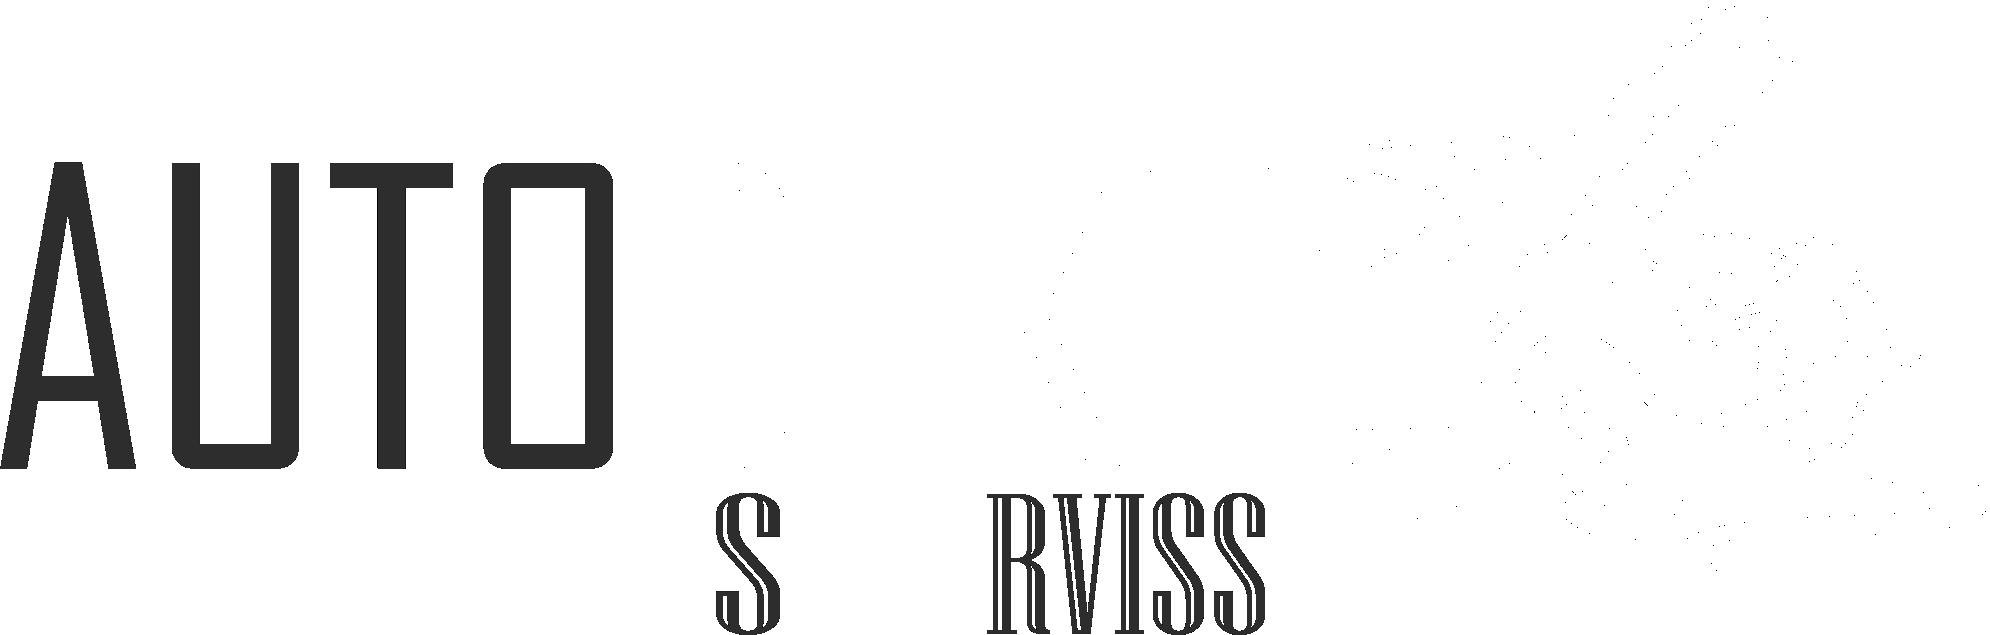 AutoDeko